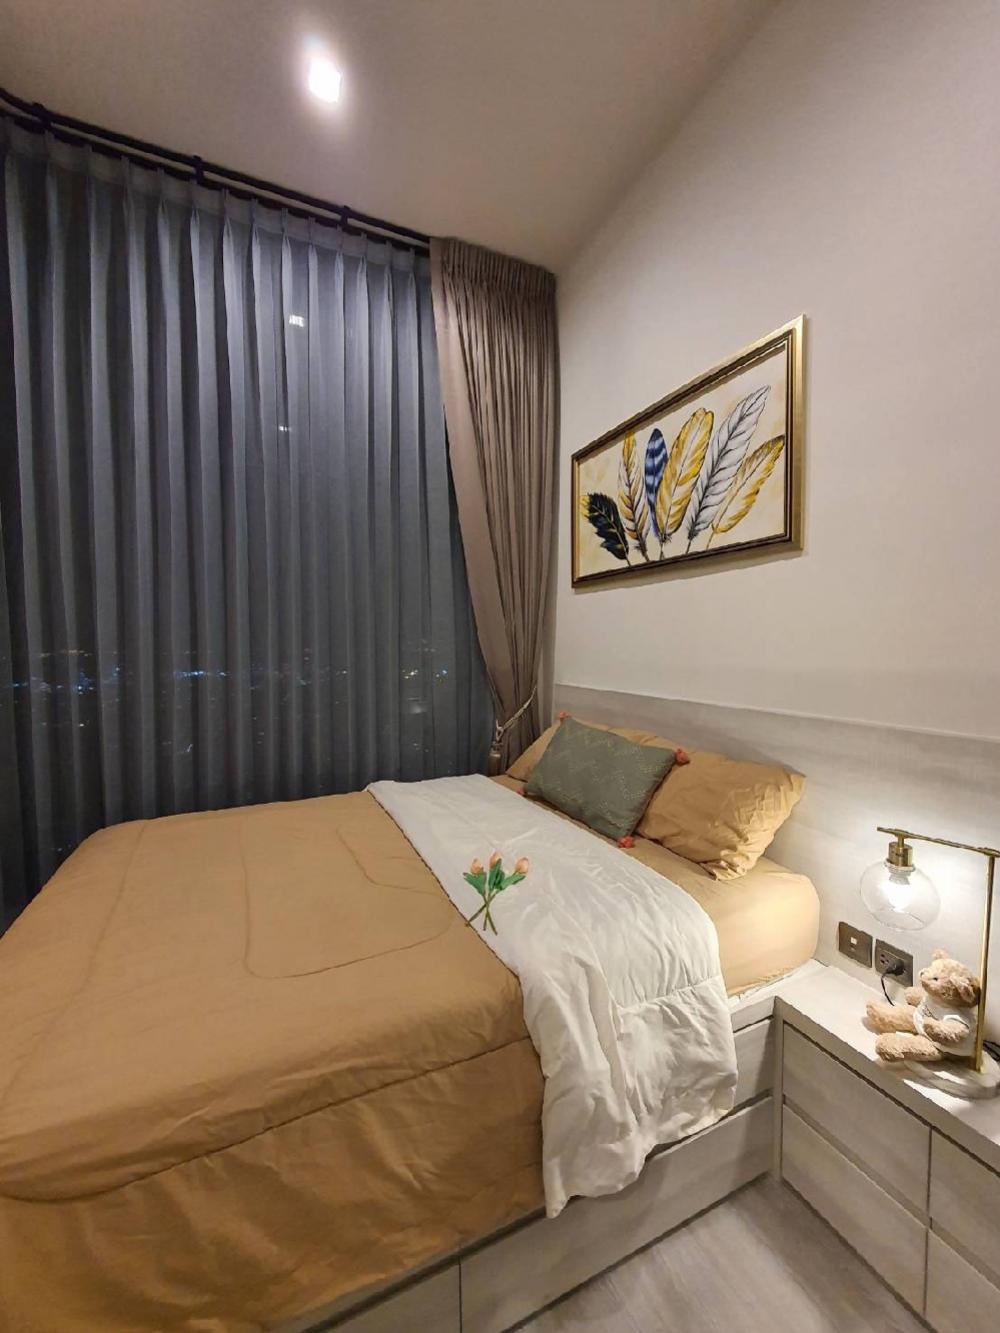 เช่าคอนโดอ่อนนุช อุดมสุข : The Line Sukhumvit 101 for Rent,  1bedroom,  30fl., river city view, 14,000B/m **free wifi